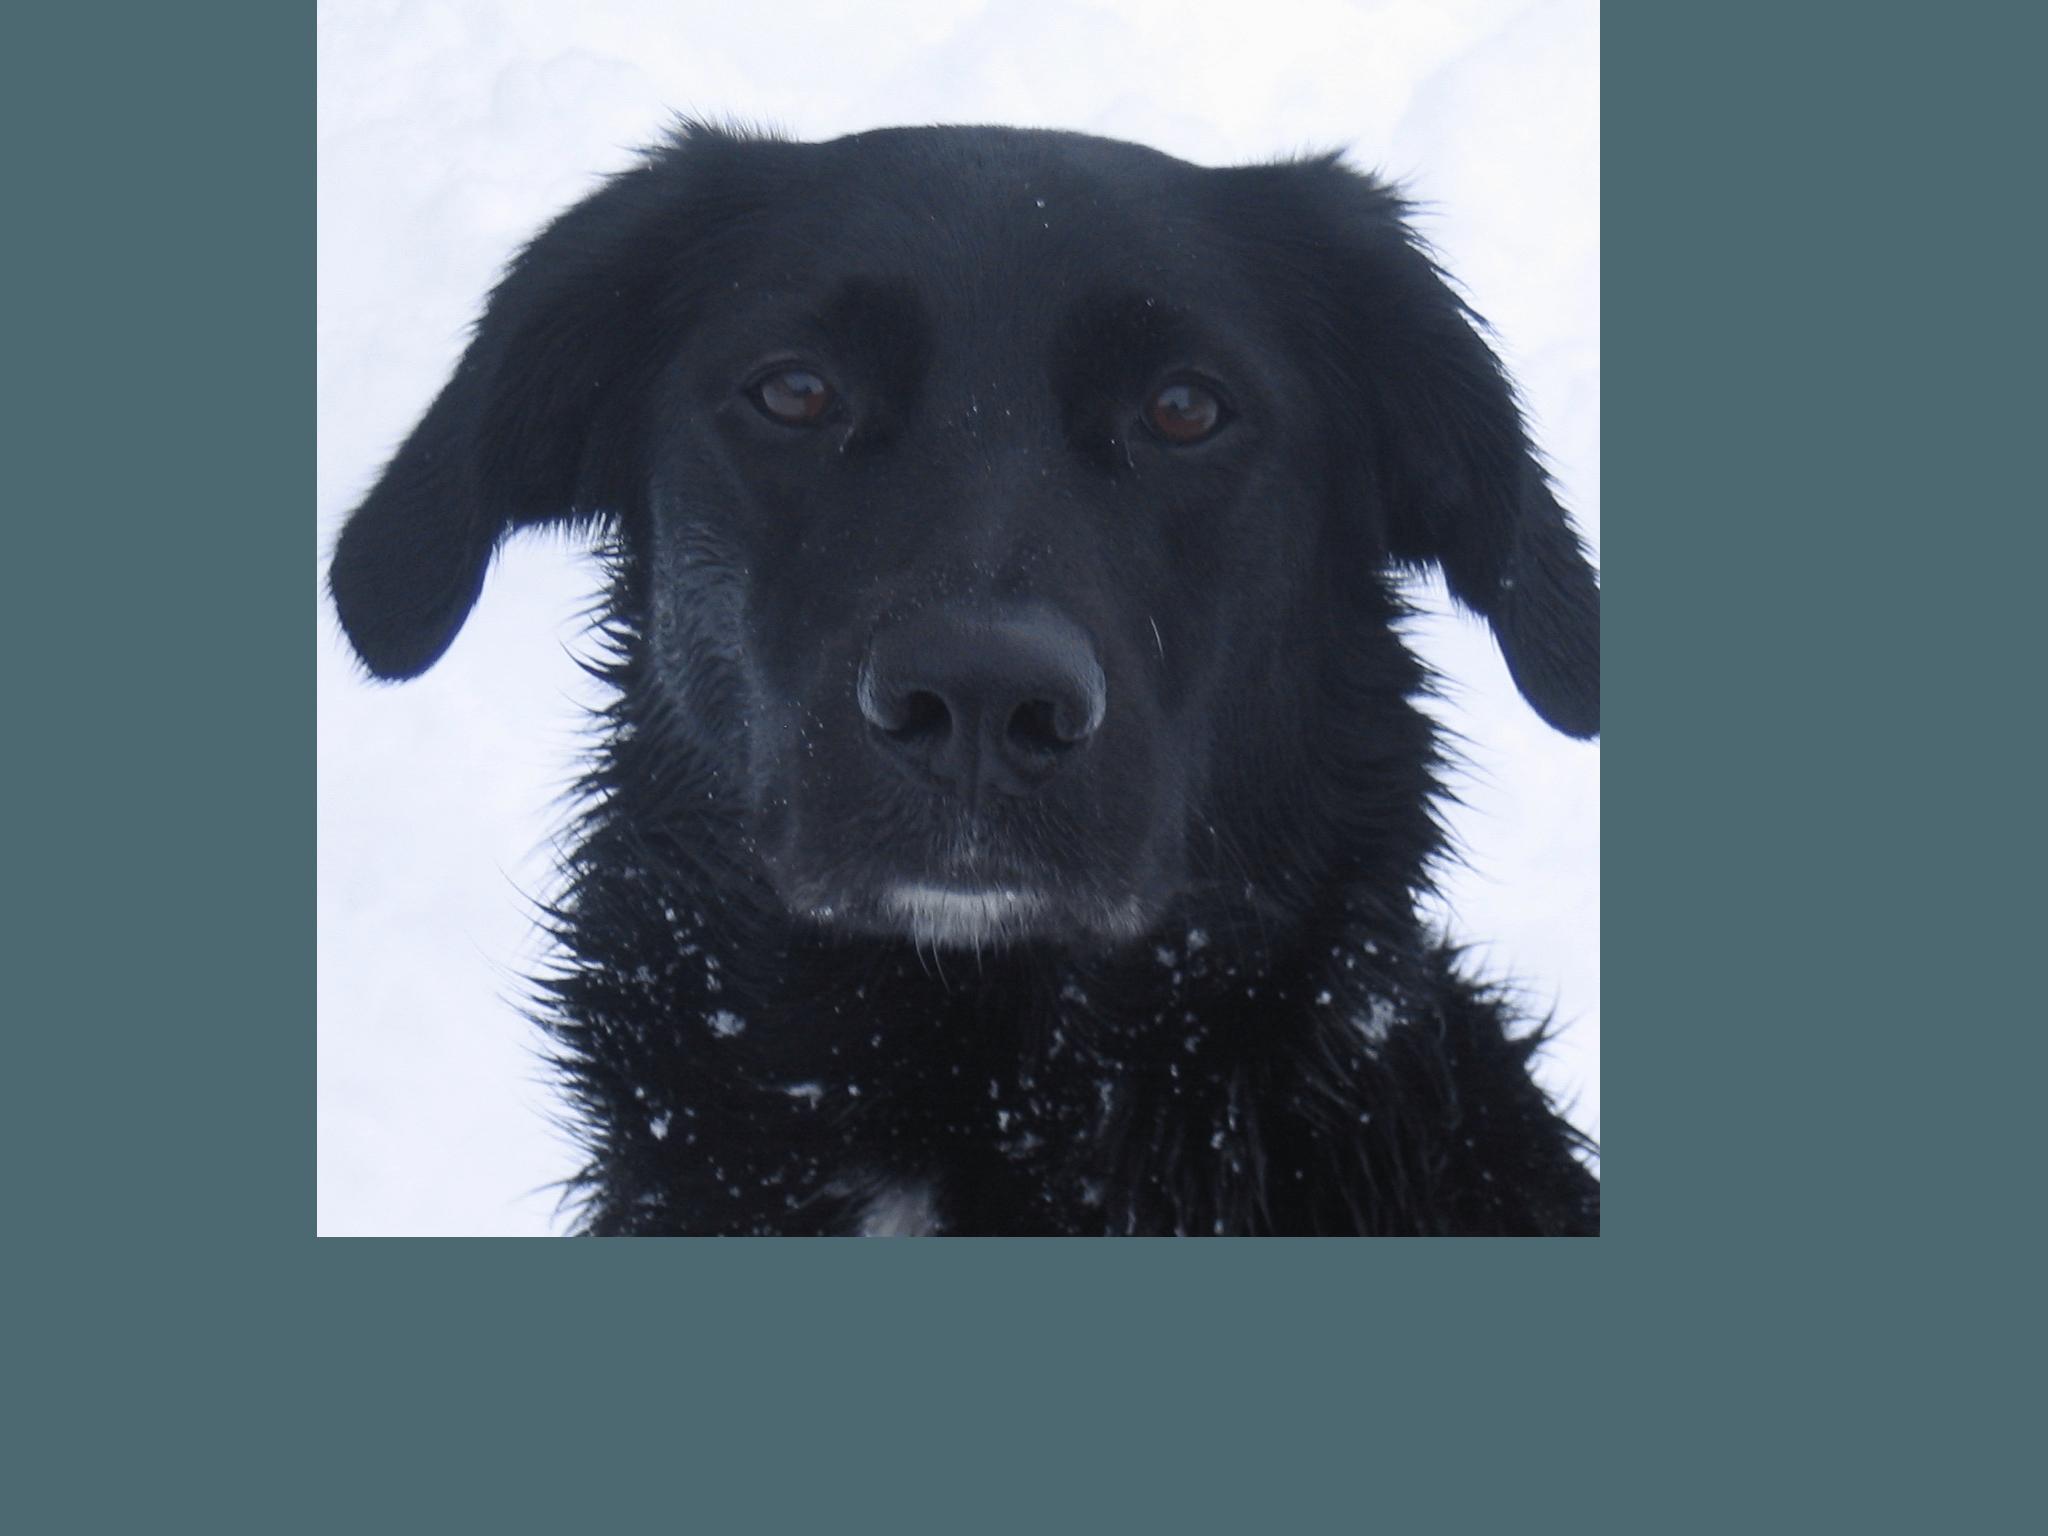 schwarzer hund im workshop anti gift